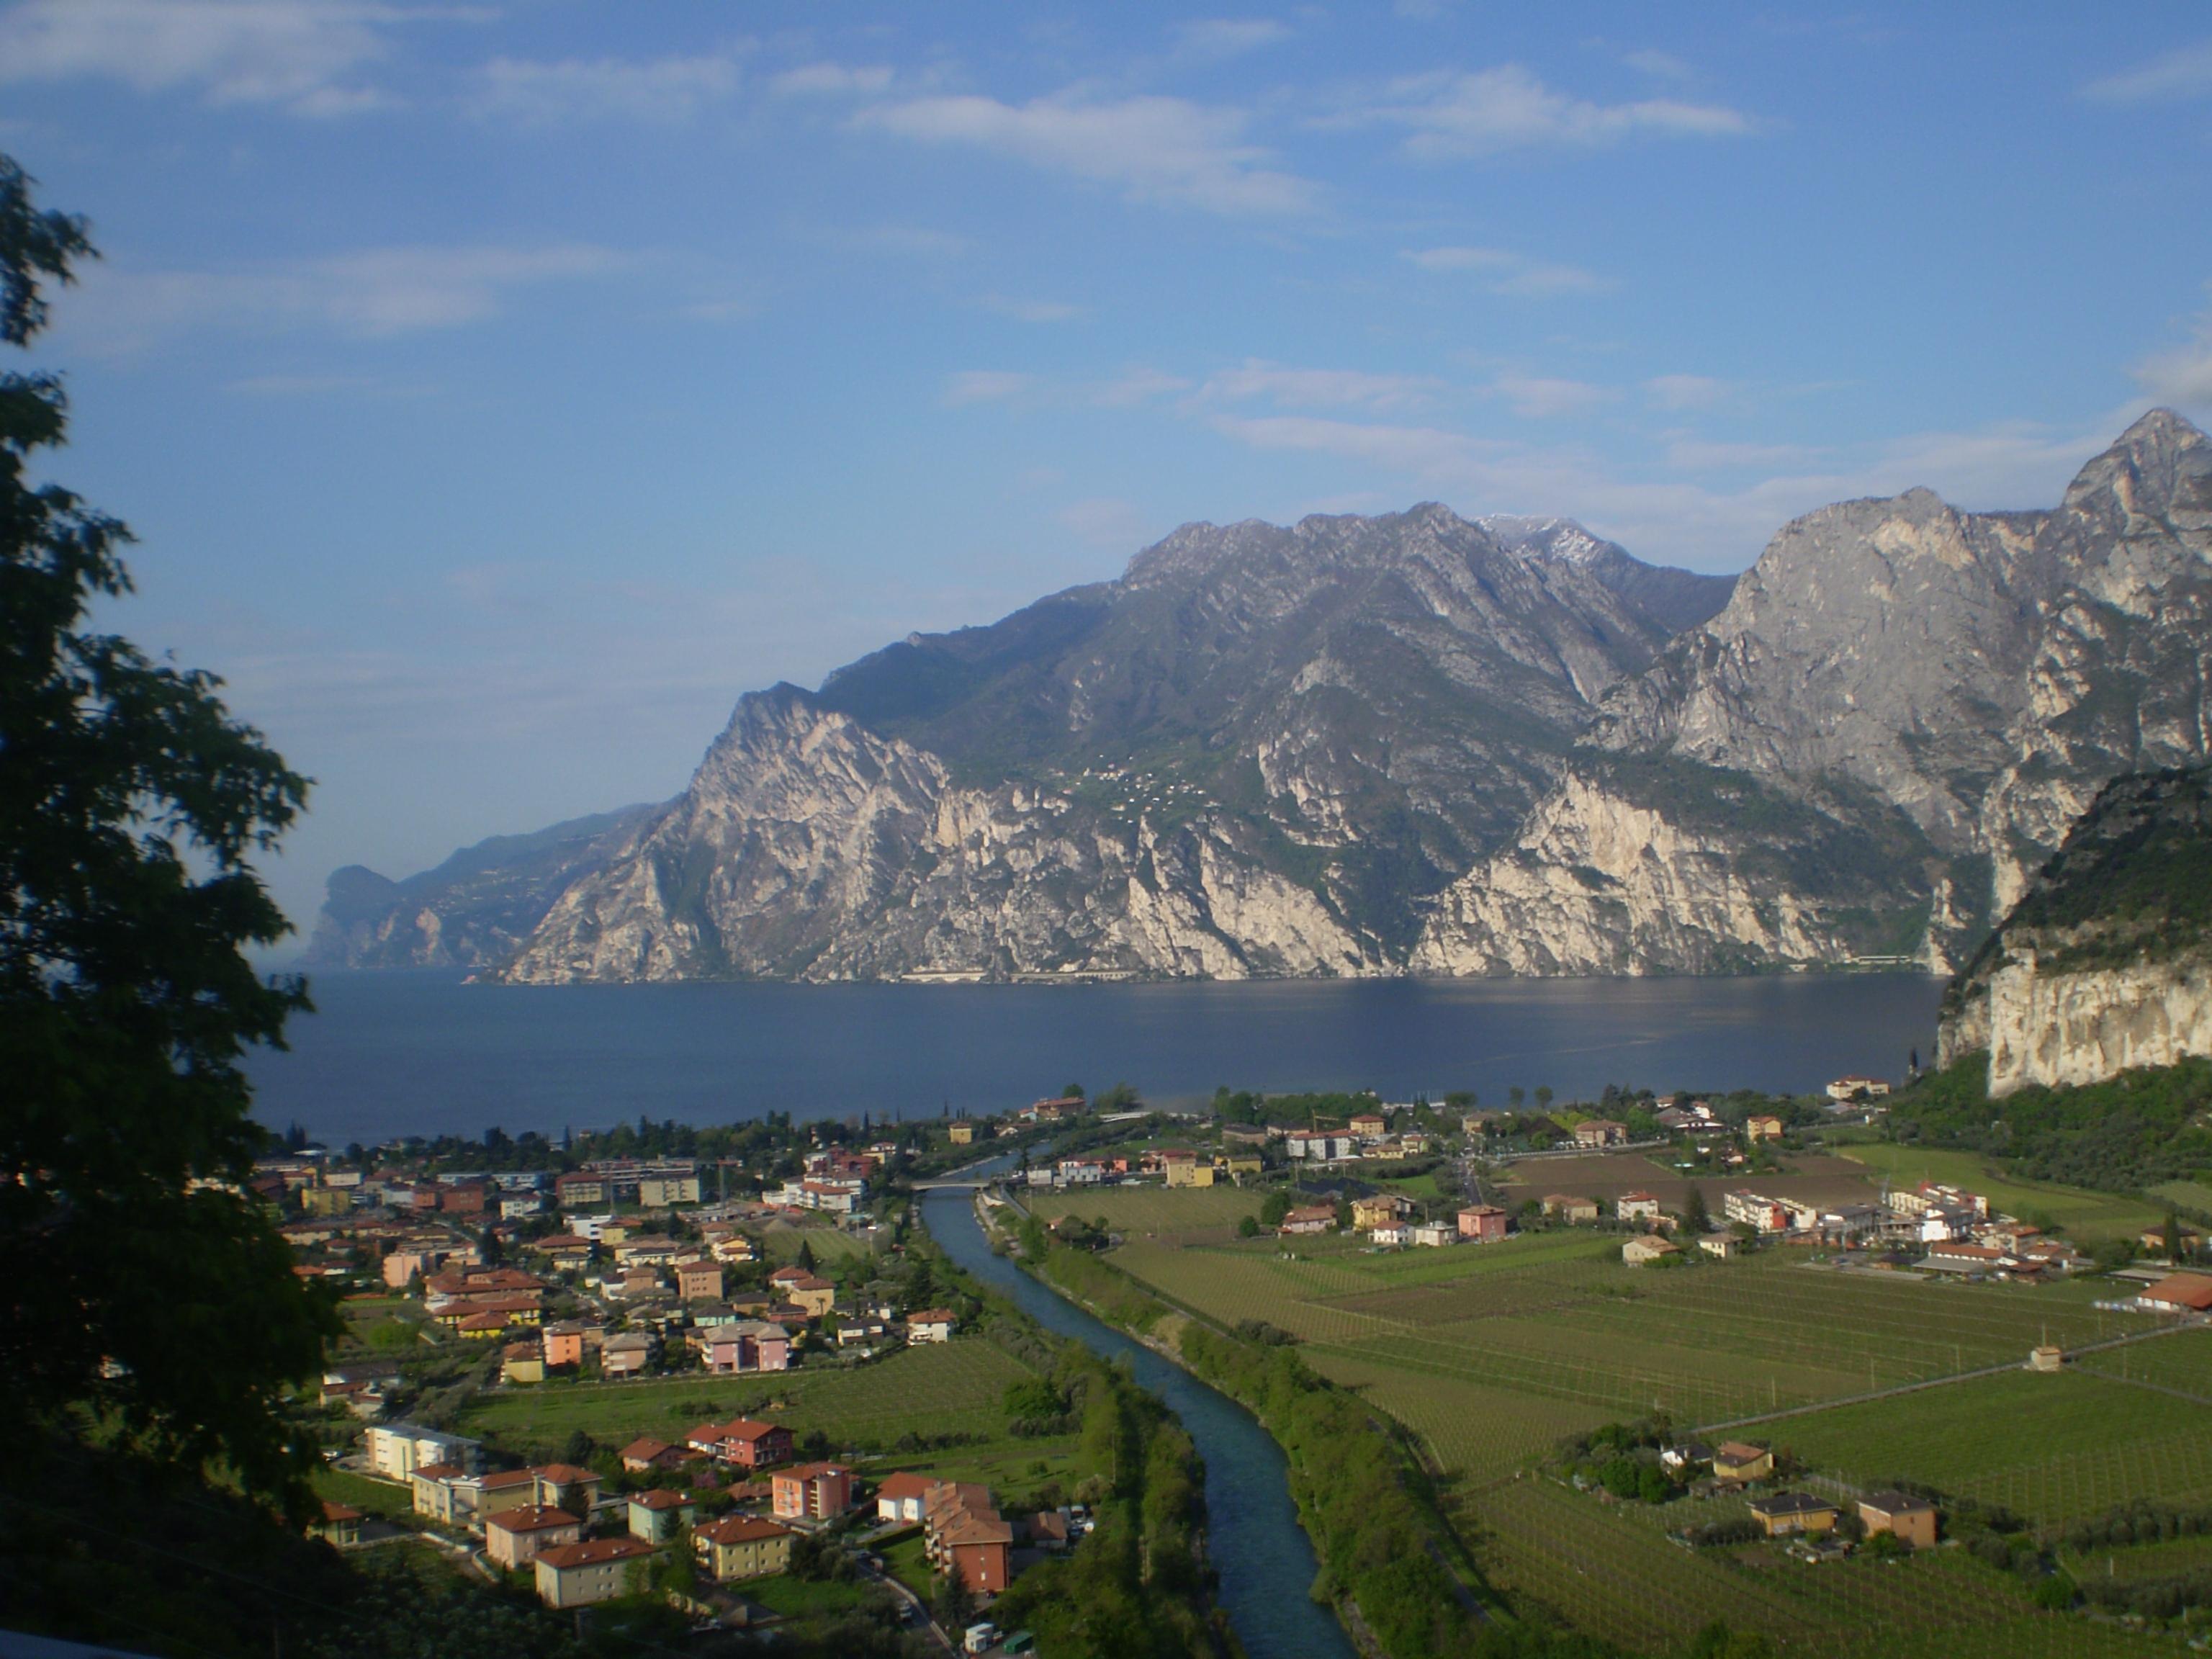 O belíssimo cenário do lago de Riva (centro), entre montanhas e casarios